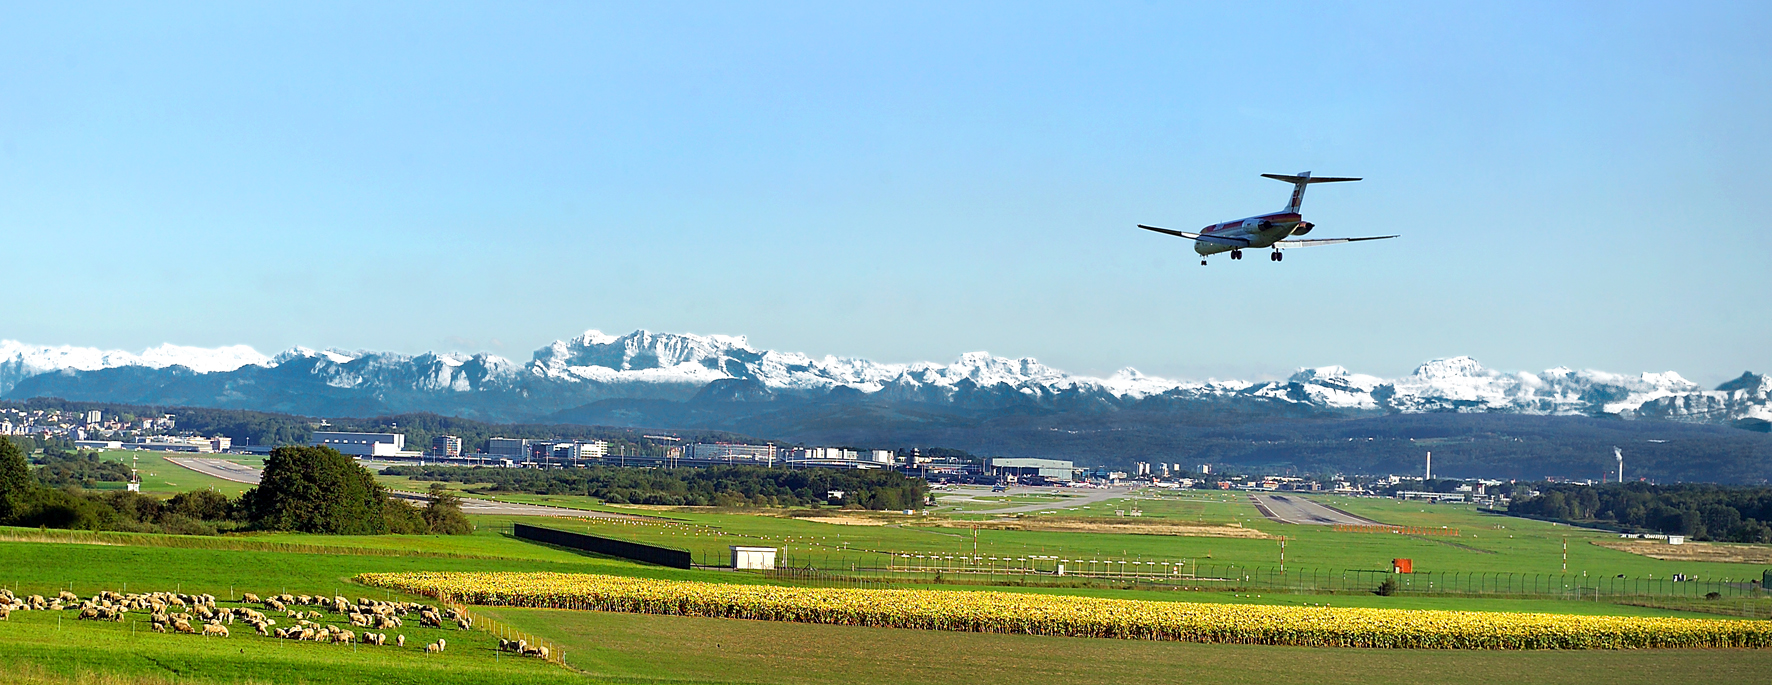 No. 4 International: Zurich Airport, Switzerland